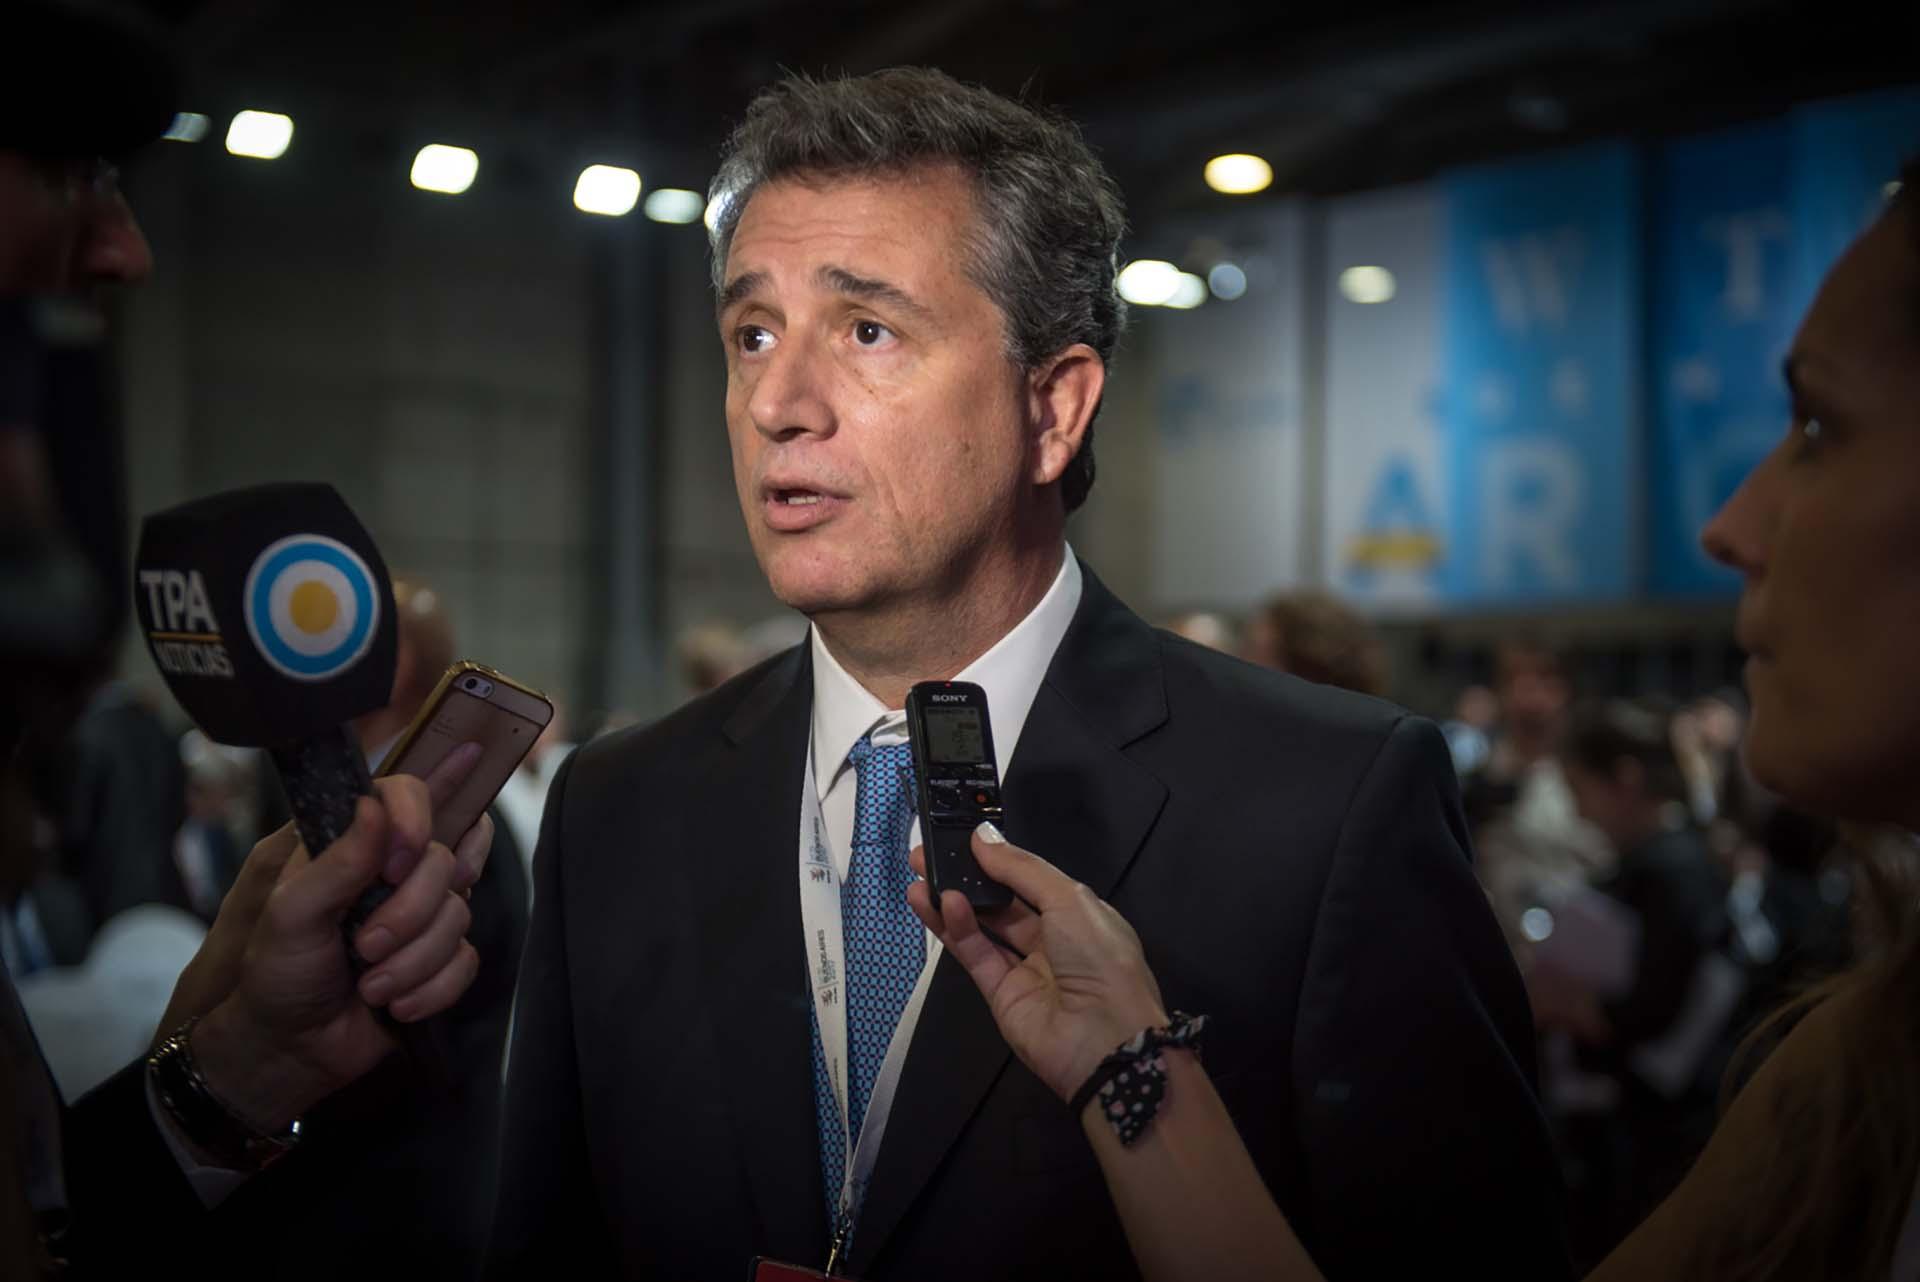 El ministro de Agroindustria, Luis Miguel Etchevehere